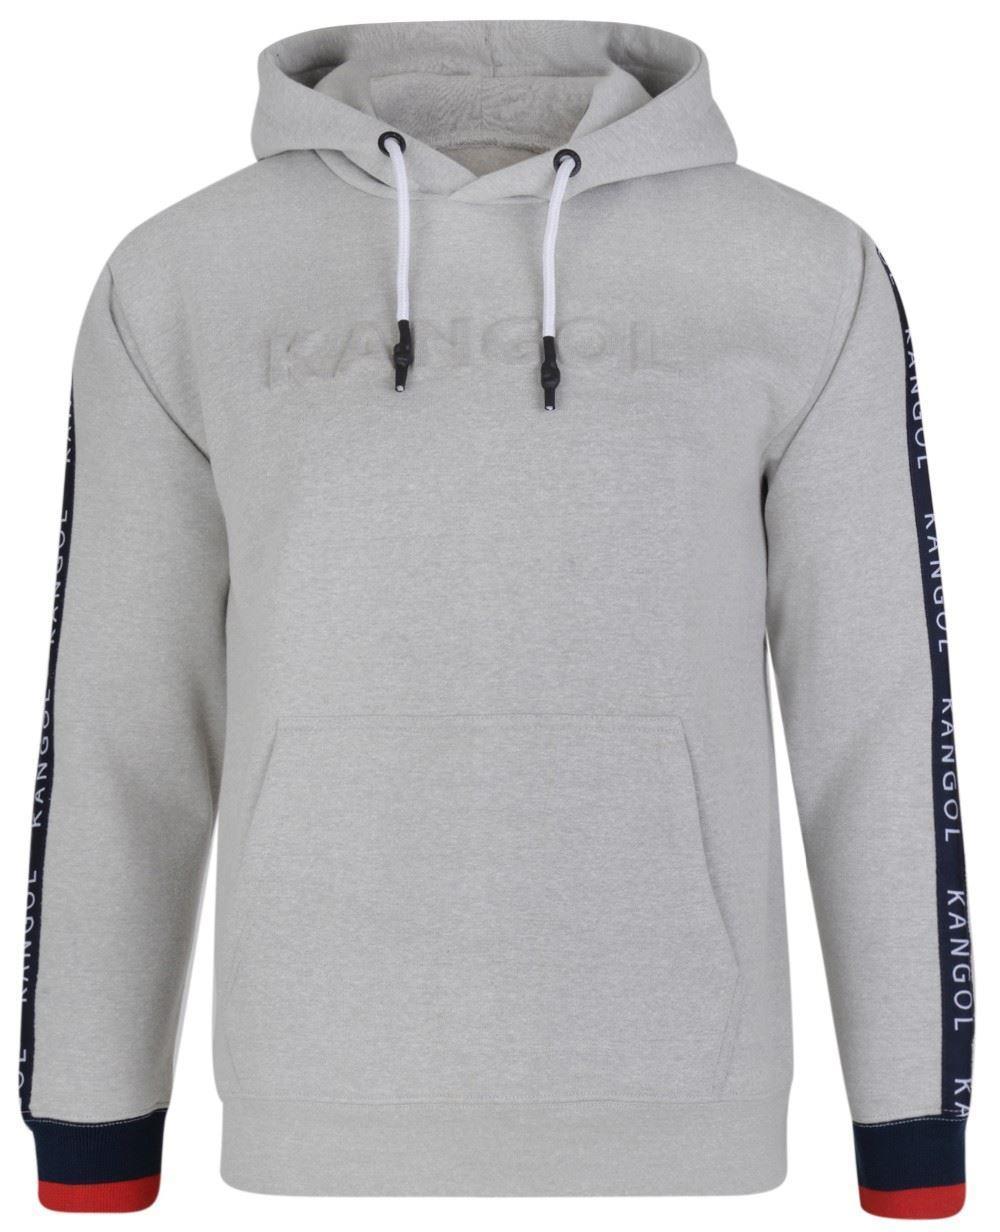 Kangol Troy Overhead Hoody With Embossed Logo - Grey 2XL